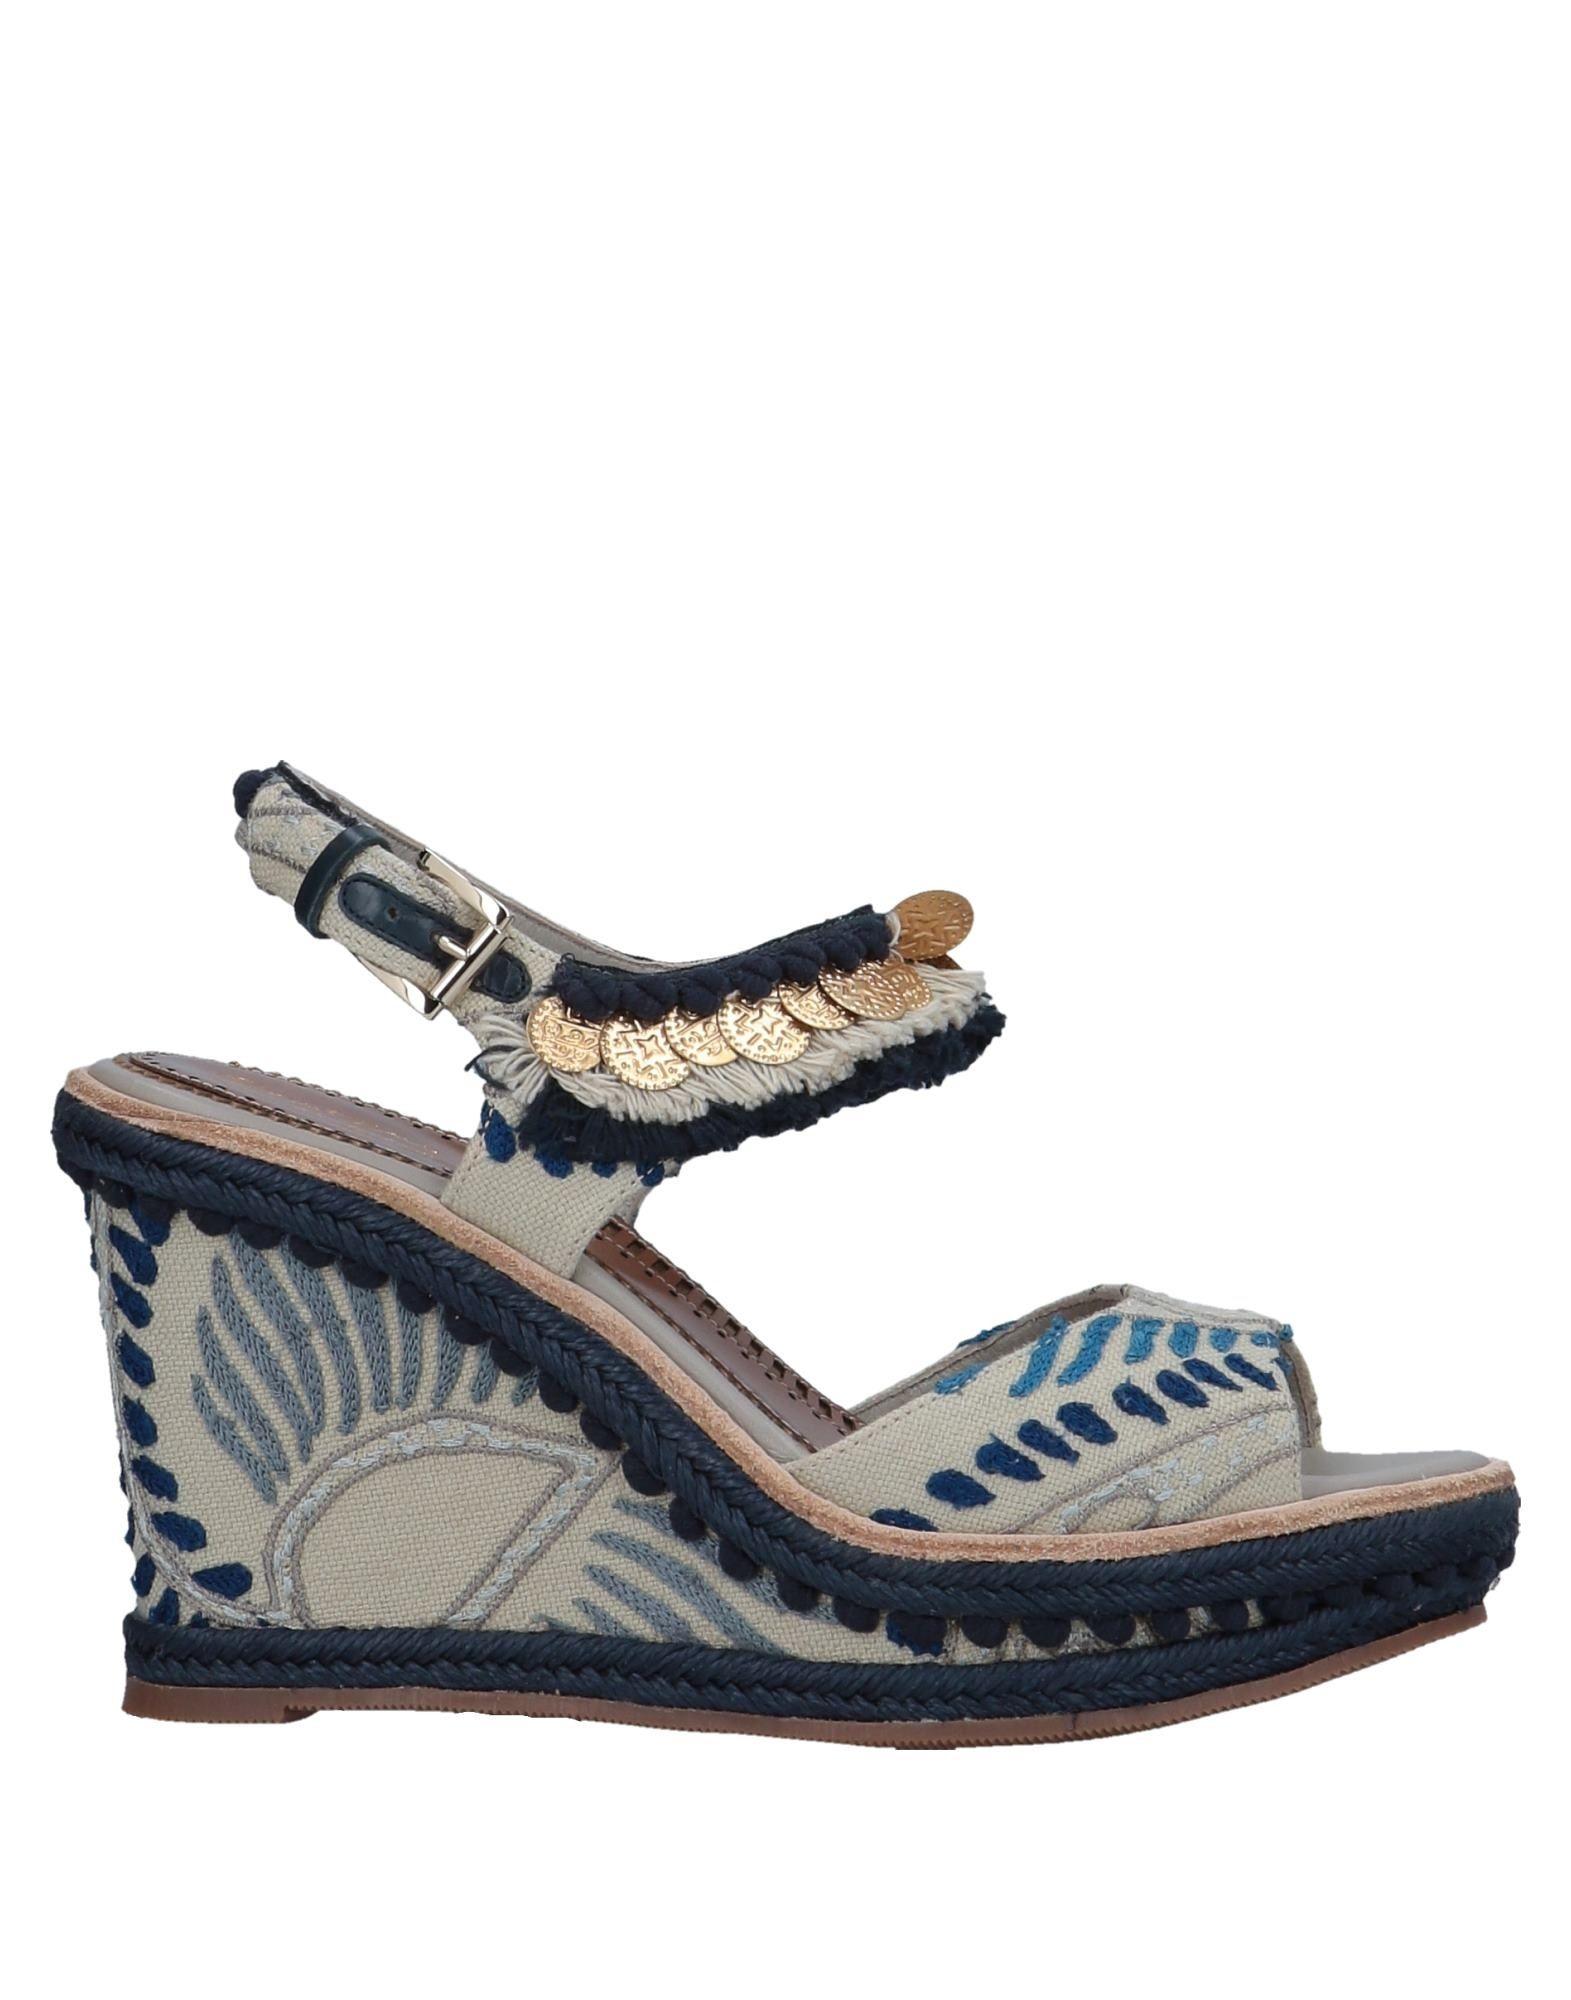 Sandali Santoni Donna - 11544056NE elegante